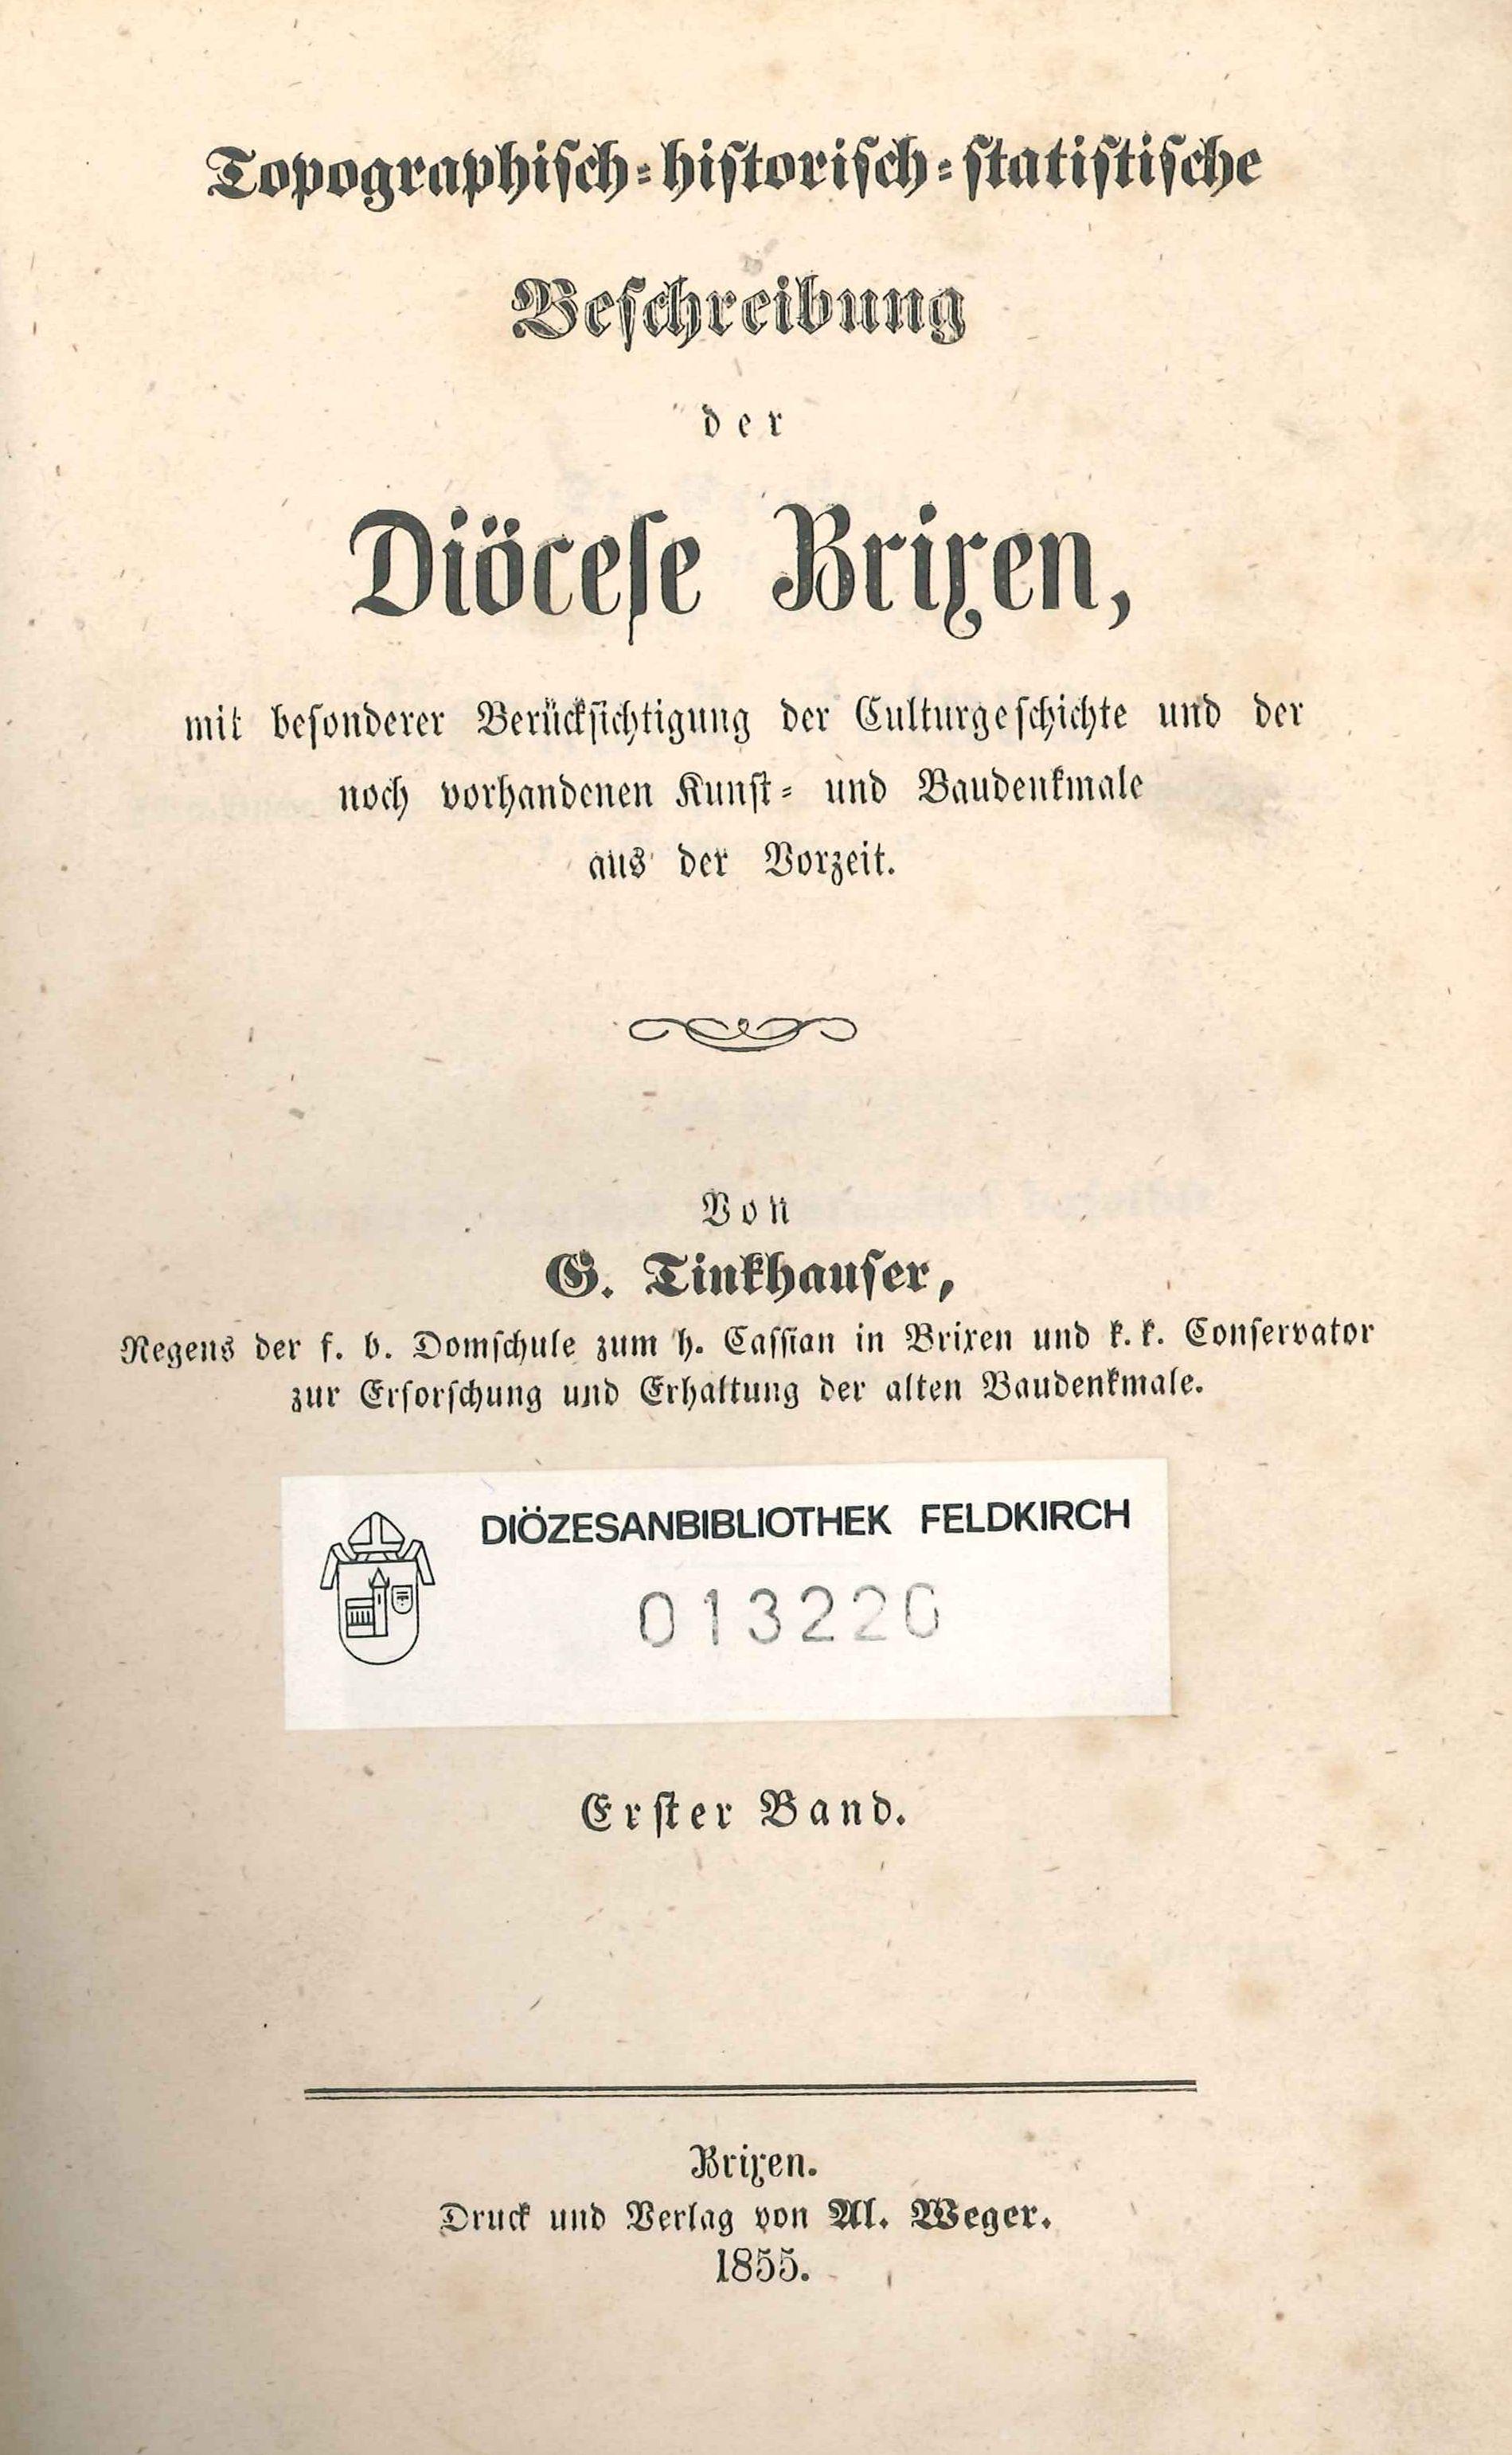 Topographisch-historische Beschreibung der Diözese Brixen von Georg Tinkhauser